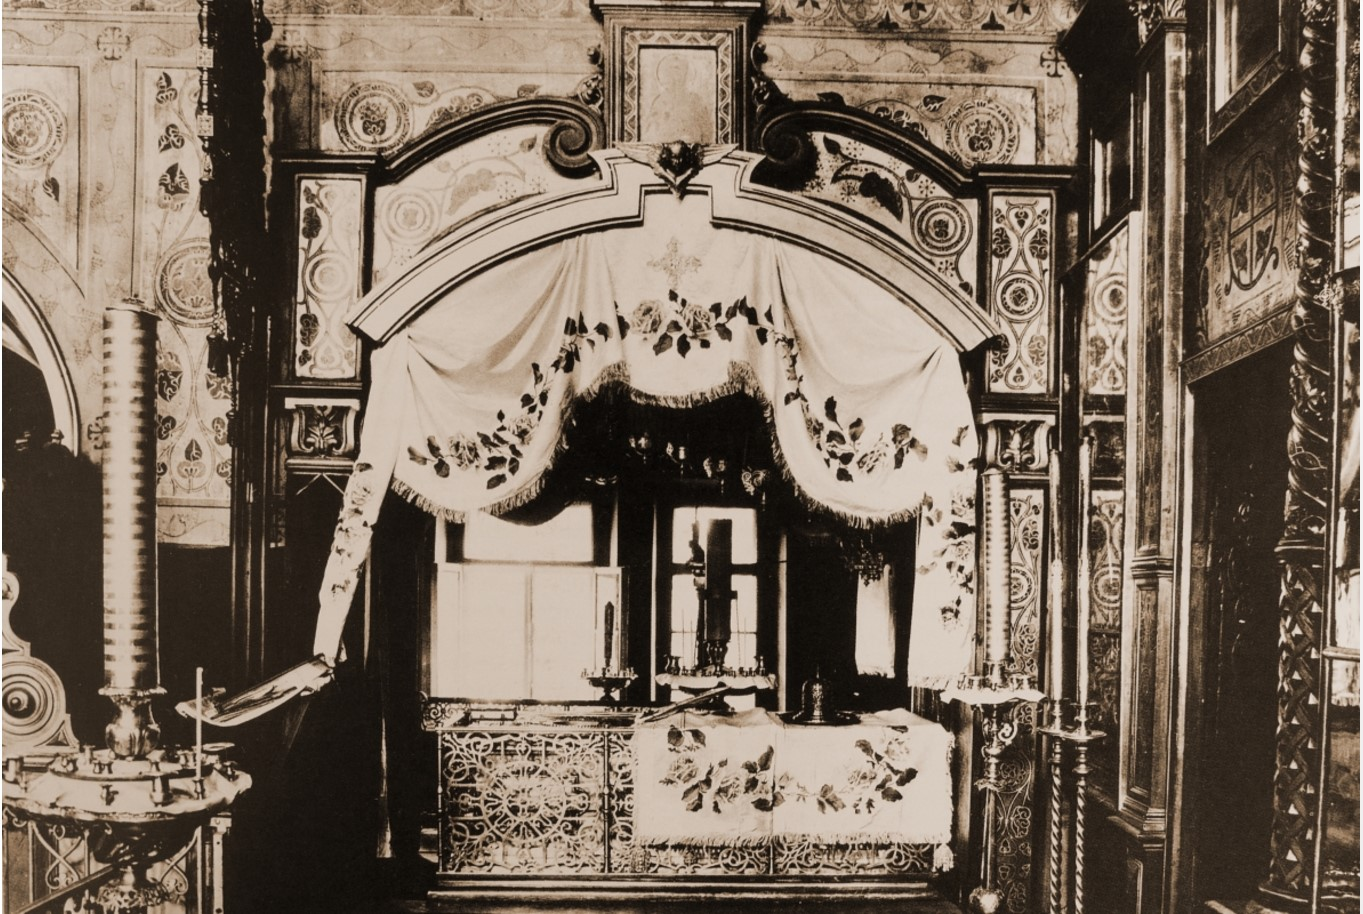 Рака с мощами святого князя Даниила. Конец XIX века - начало XX века